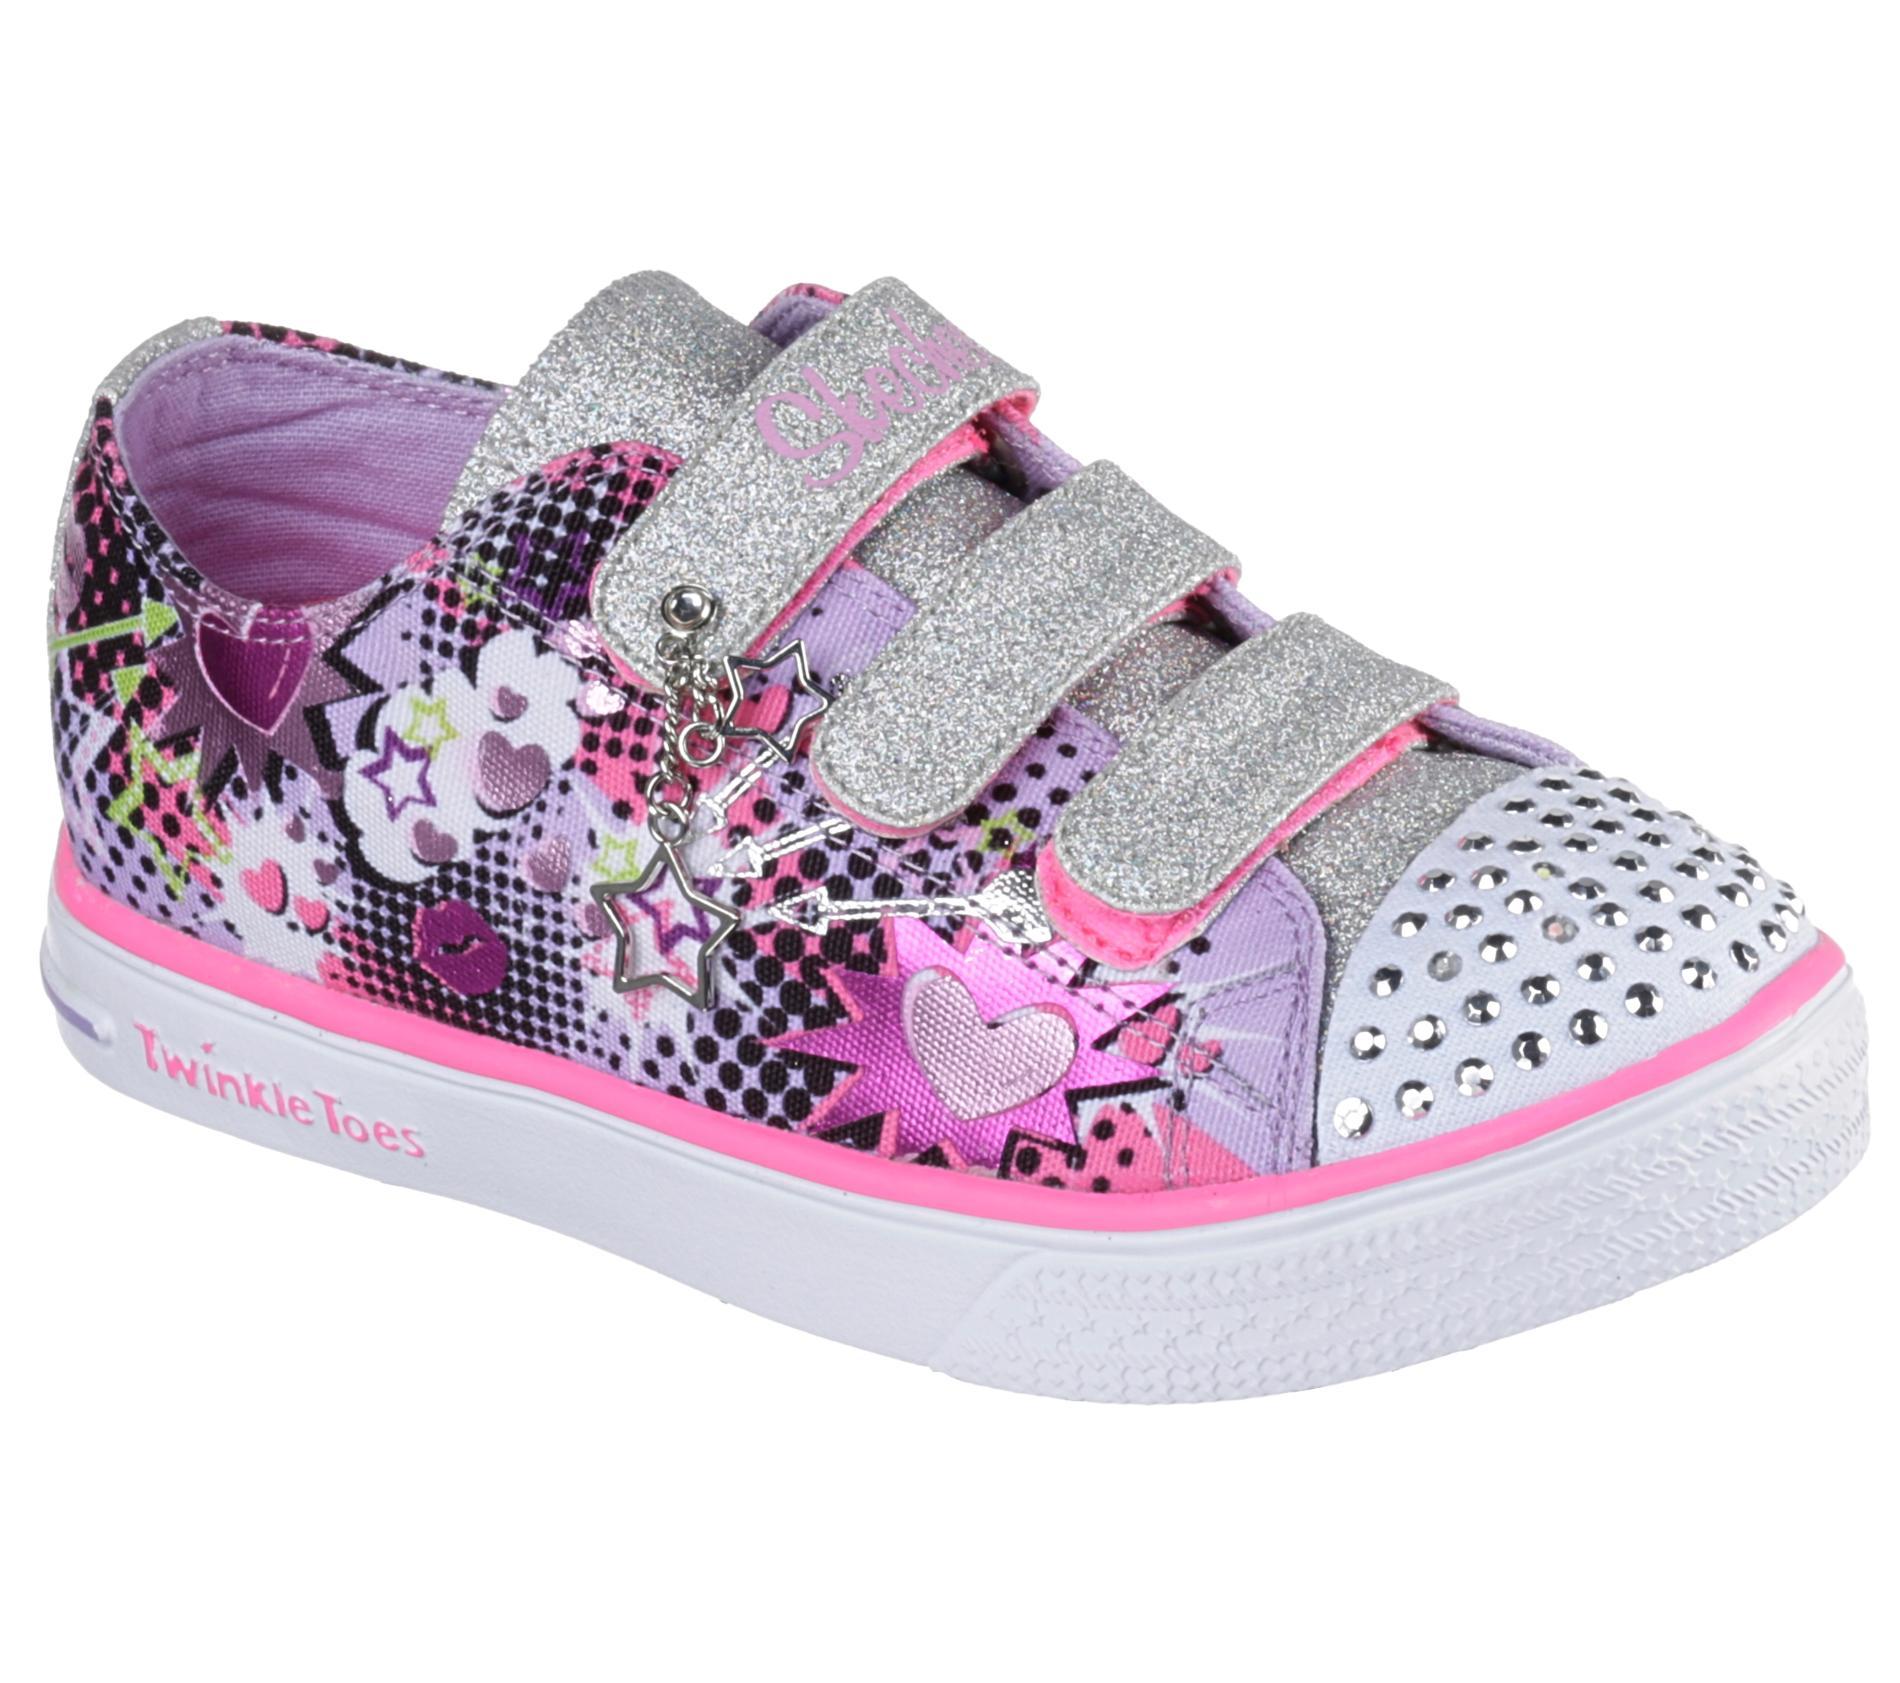 Skechers Girl's Twinkle Toes Purple/Silver/Pink Light-Up Sneaker